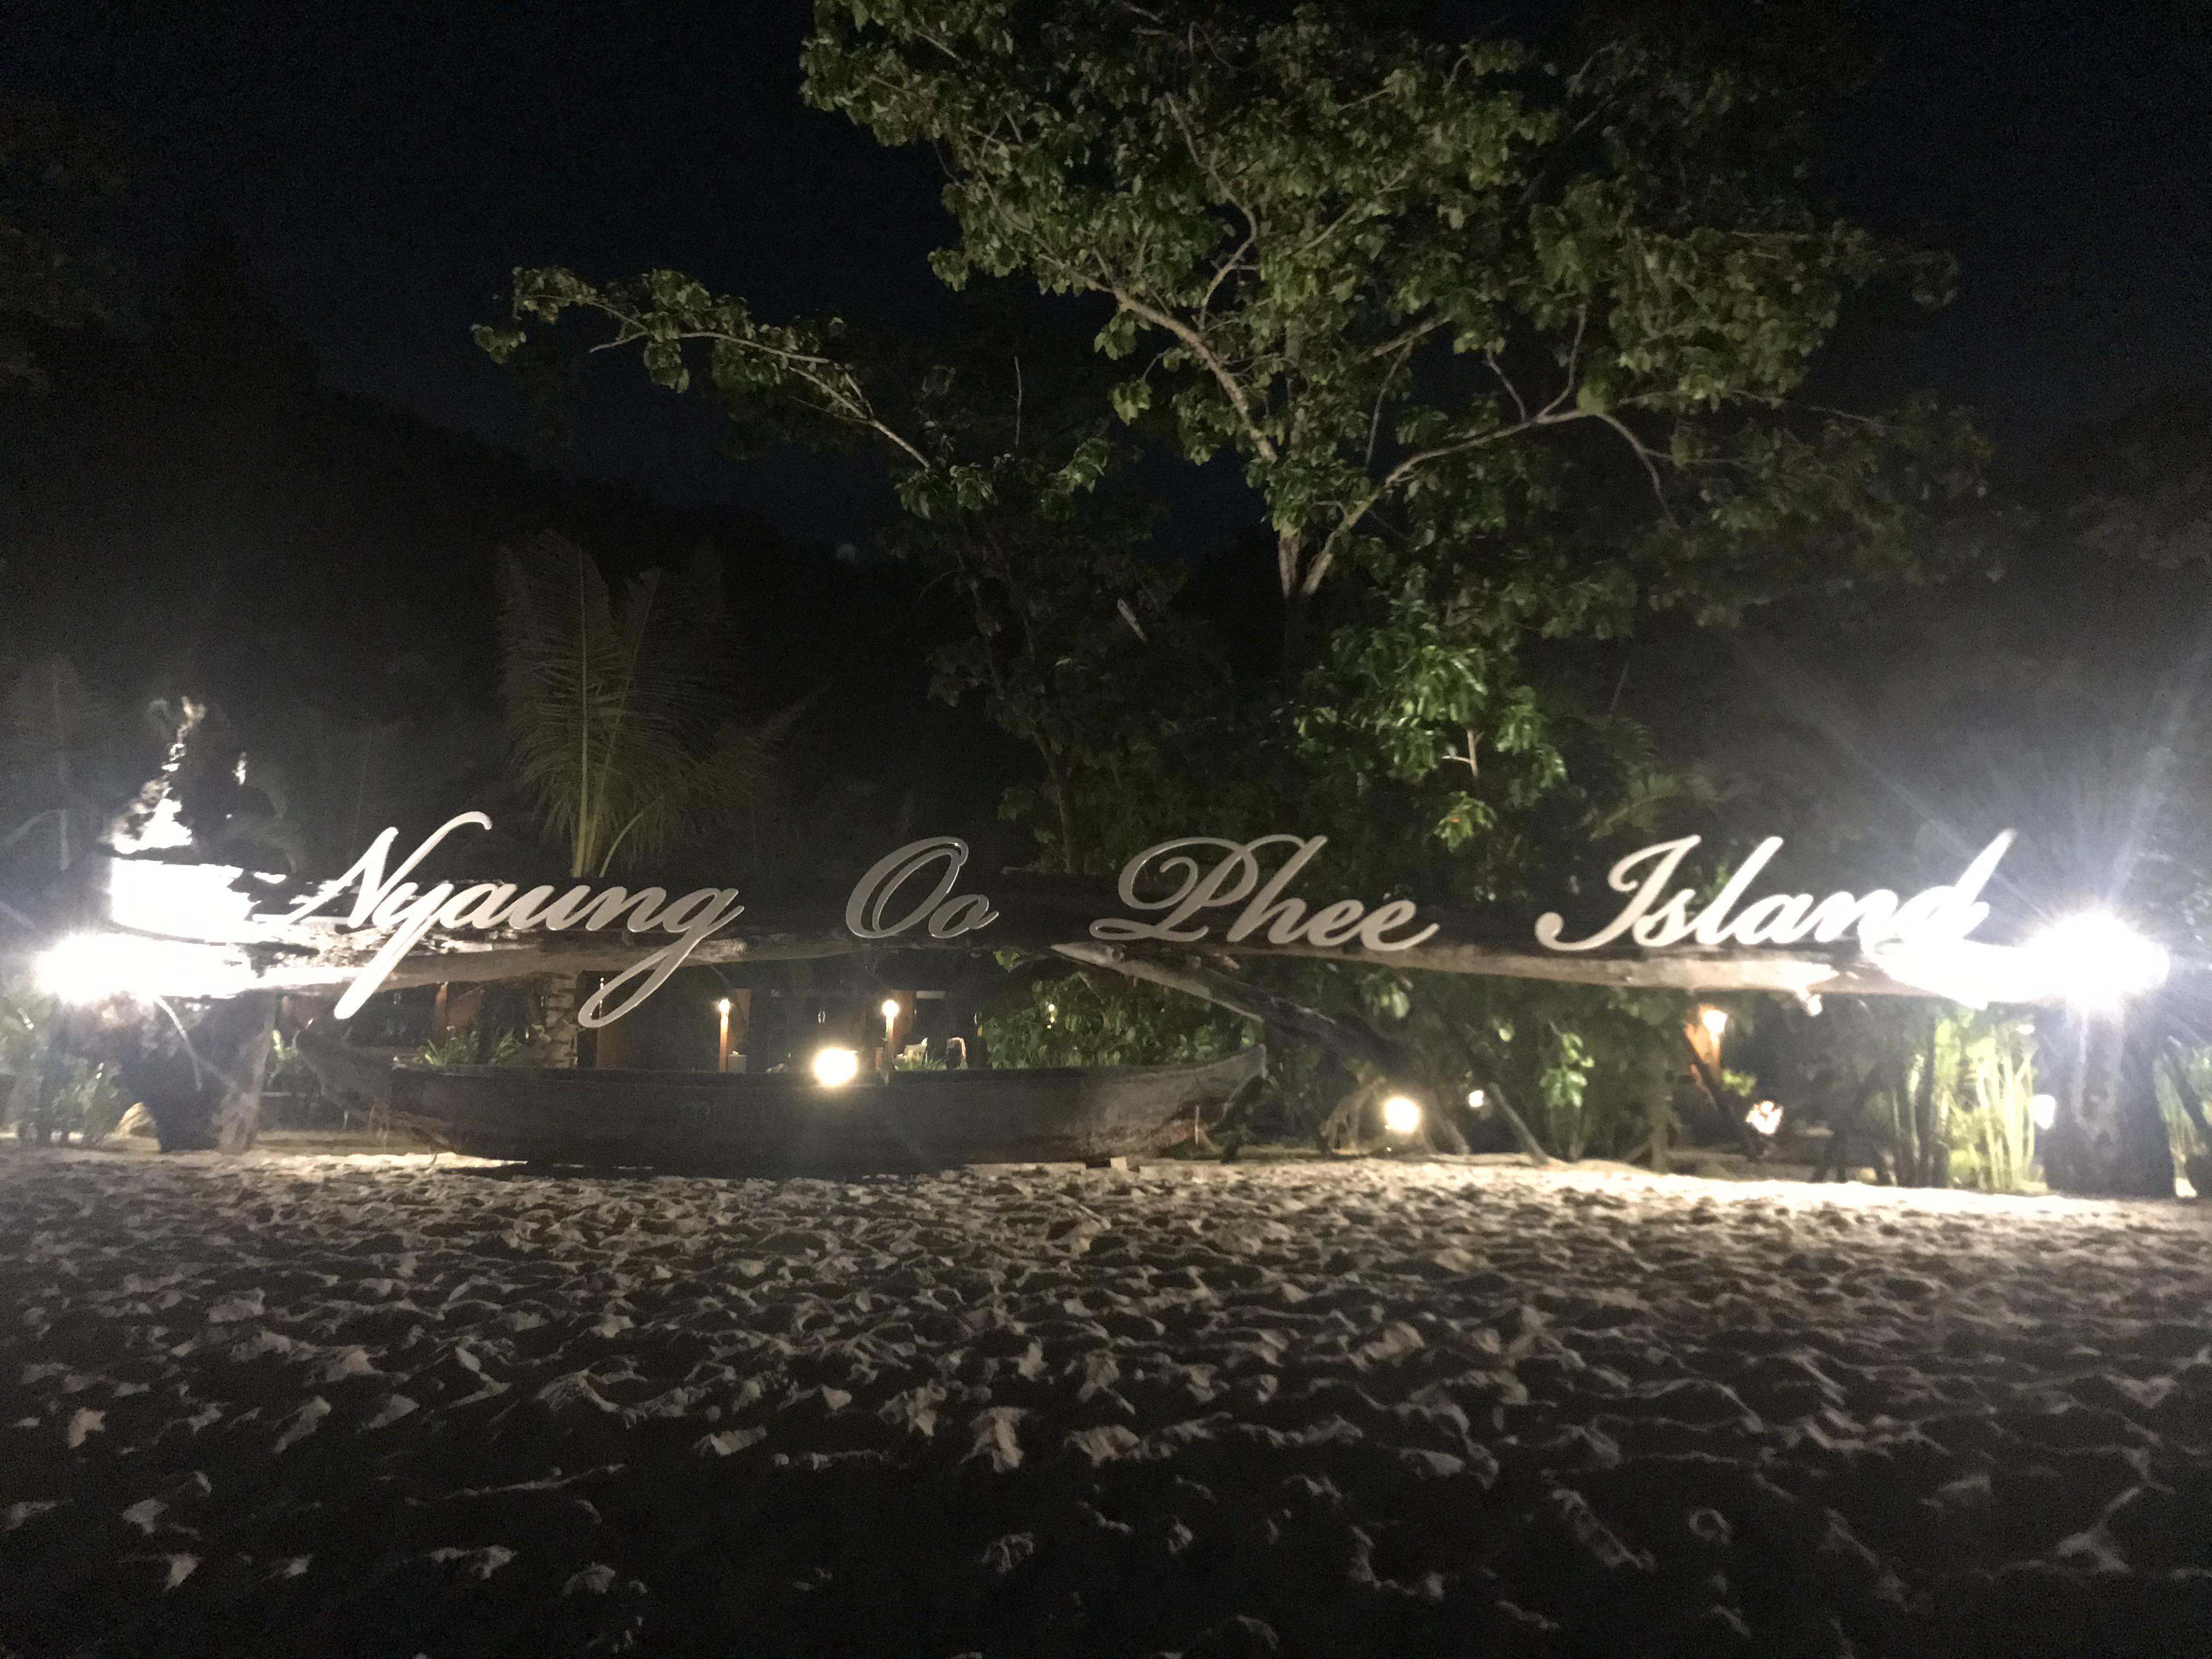 Nyaung Oo Phee Island hotel